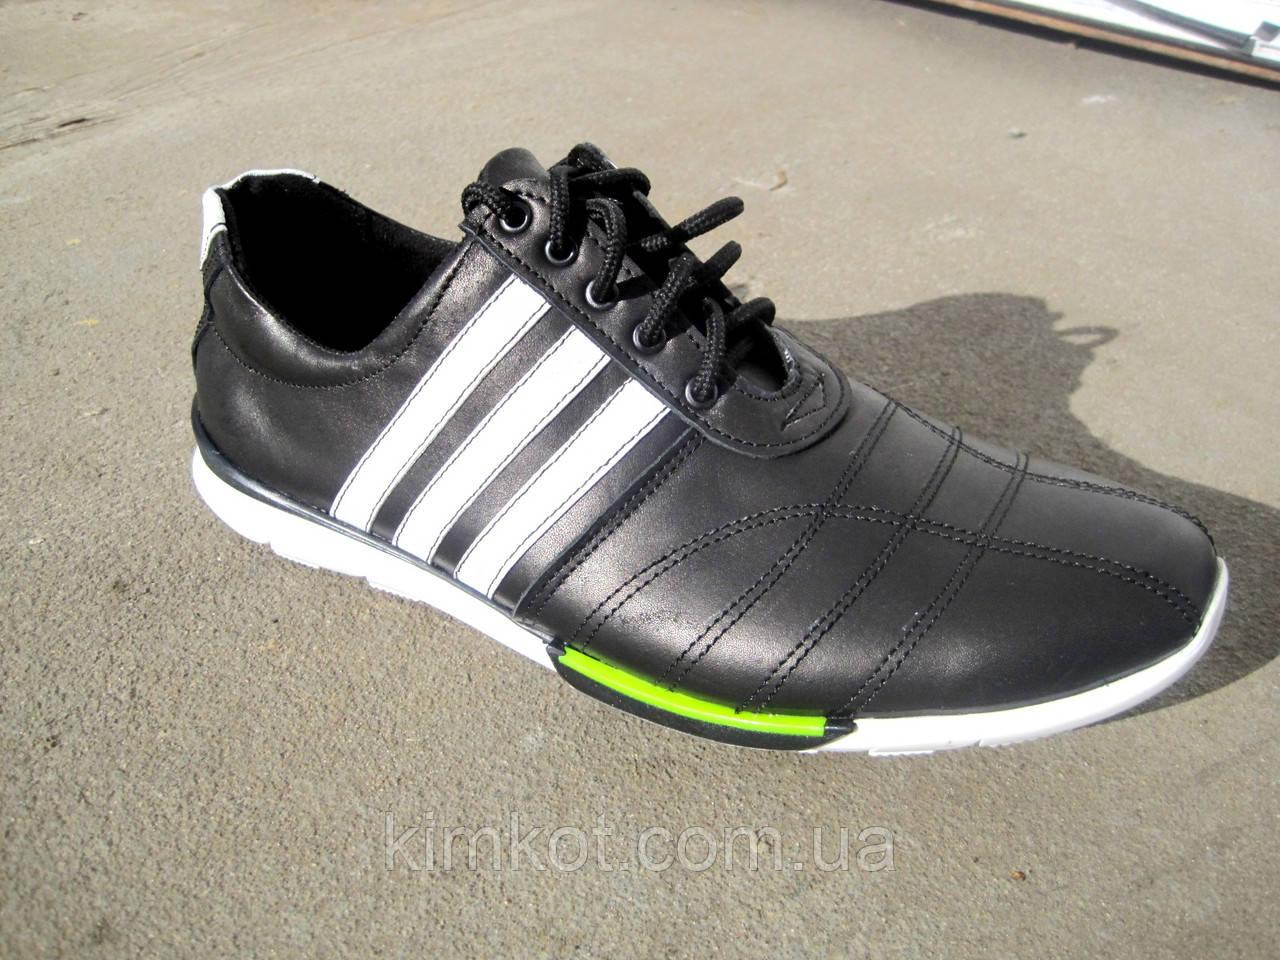 63c1b1473633 Кроссовки черные кожаные мужские 40 -45 р-р  продажа, цена в ...